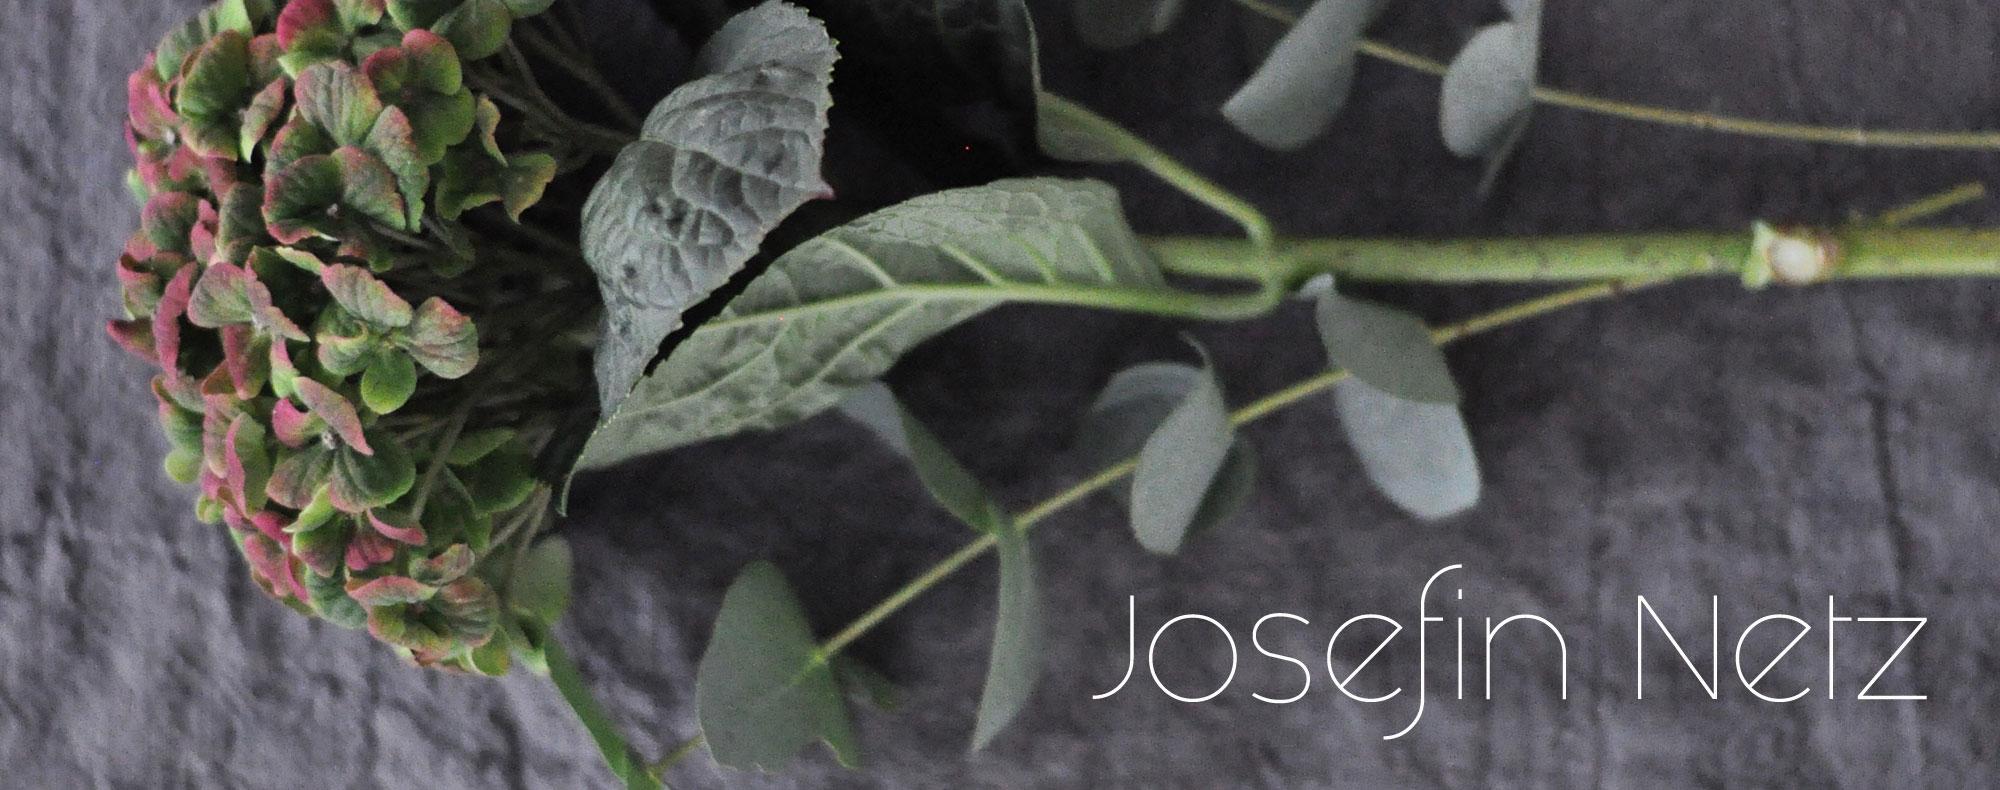 Josefin Netz - Inredning, Renovering, Trädgård